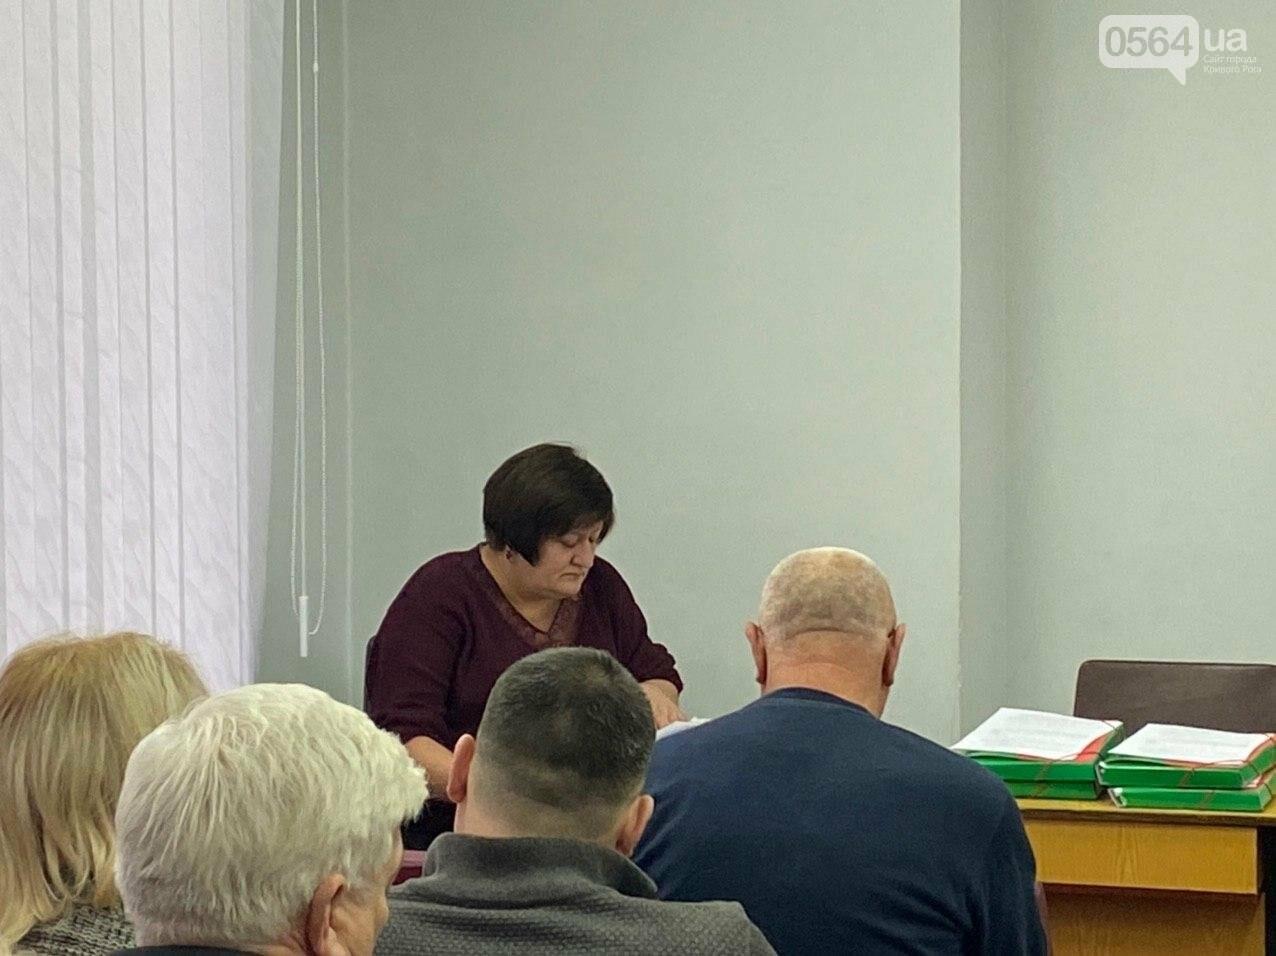 Криворожские депутаты собрались на заседания постоянных комиссий, - ФОТО, ВИДЕО, фото-2